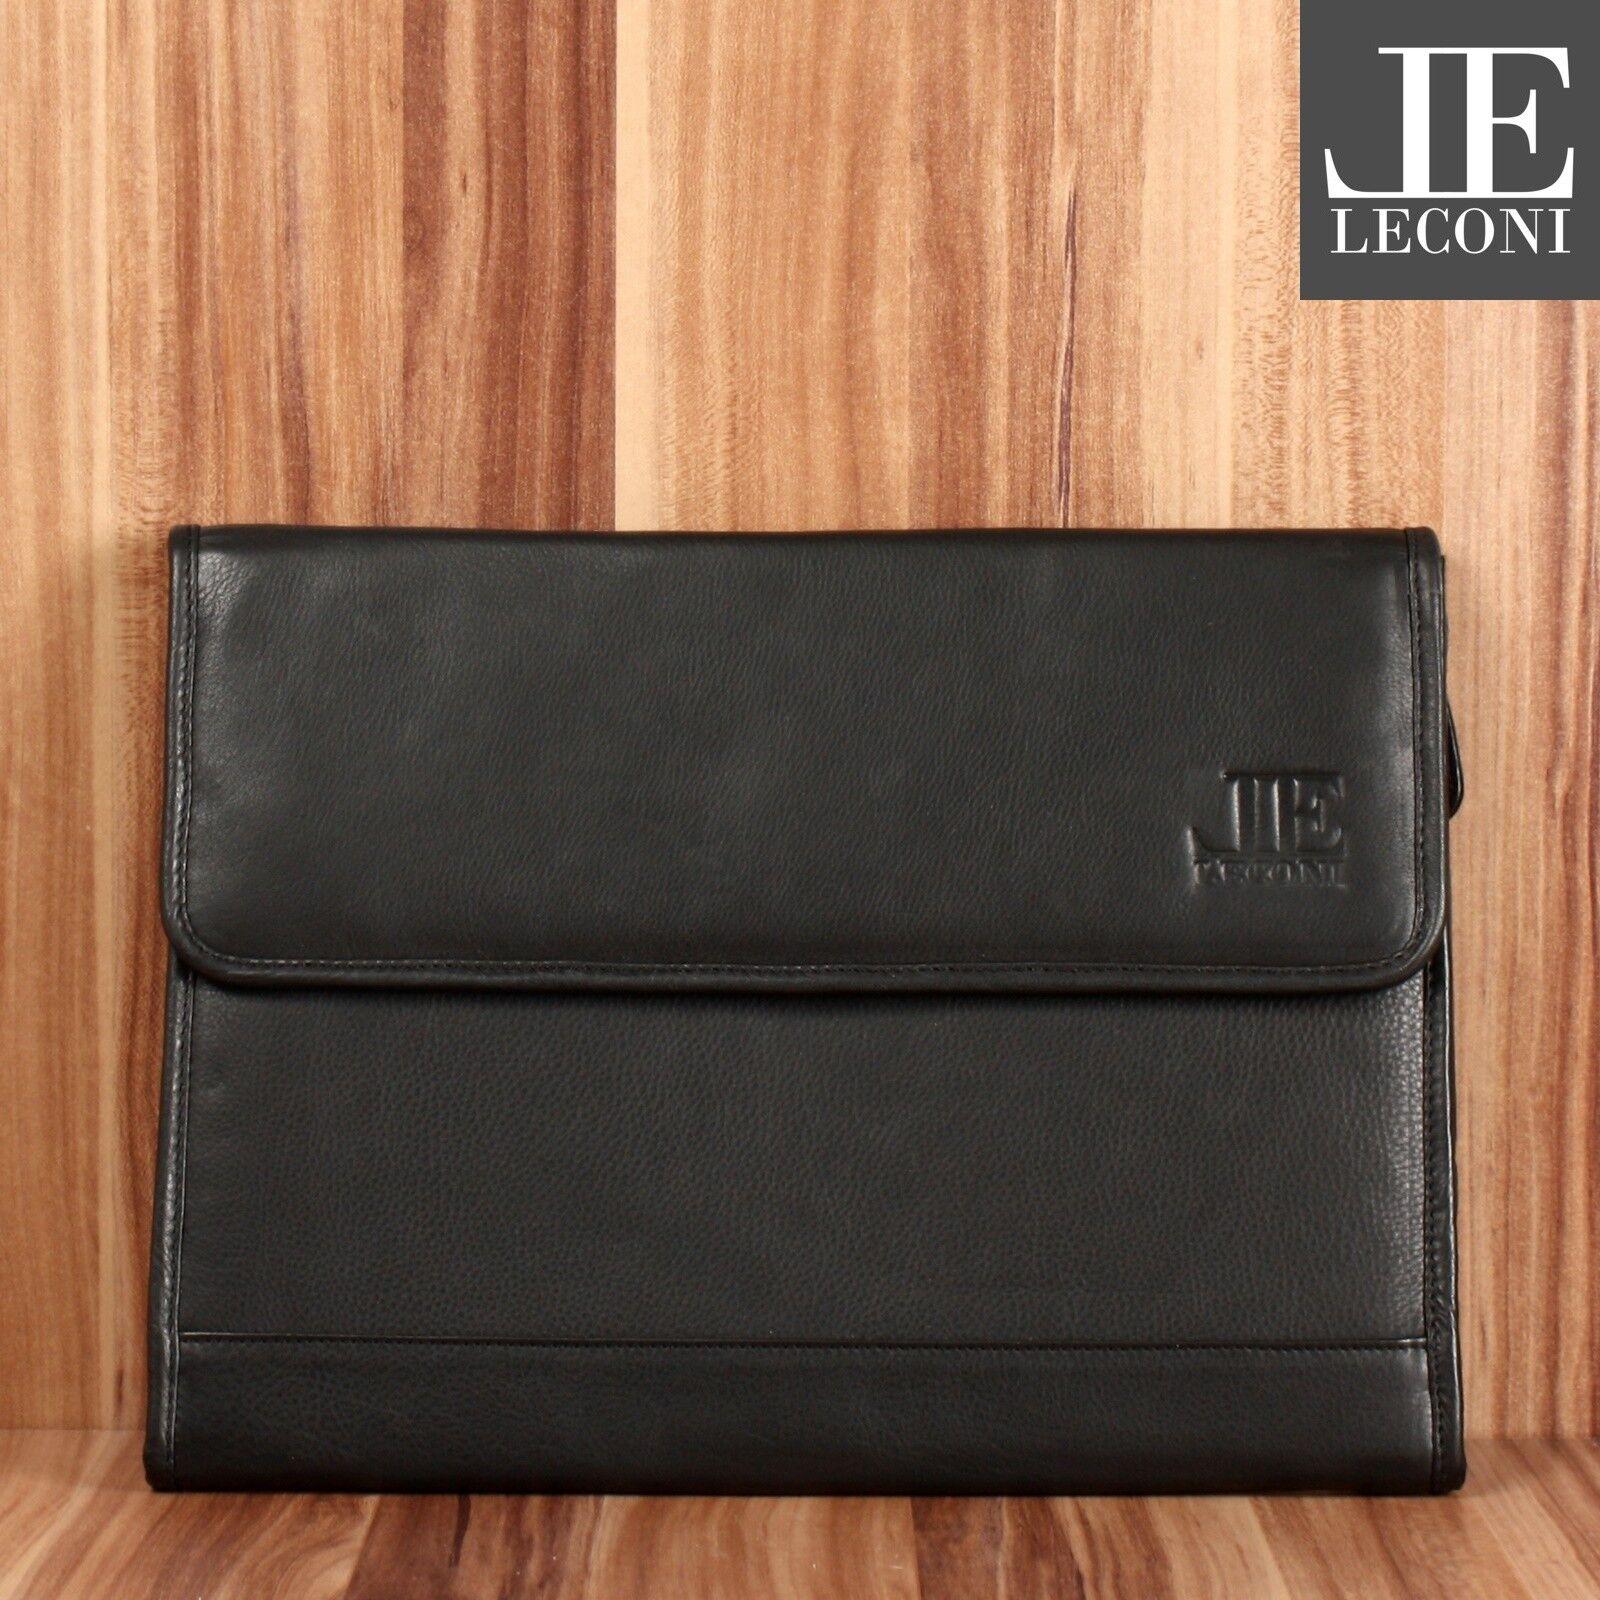 LECONI Aktenmappe Schreibmappe A4 Damen Herren Leder schwarz LE3071 | Helle Farben  | Wonderful  | Garantiere Qualität und Quantität